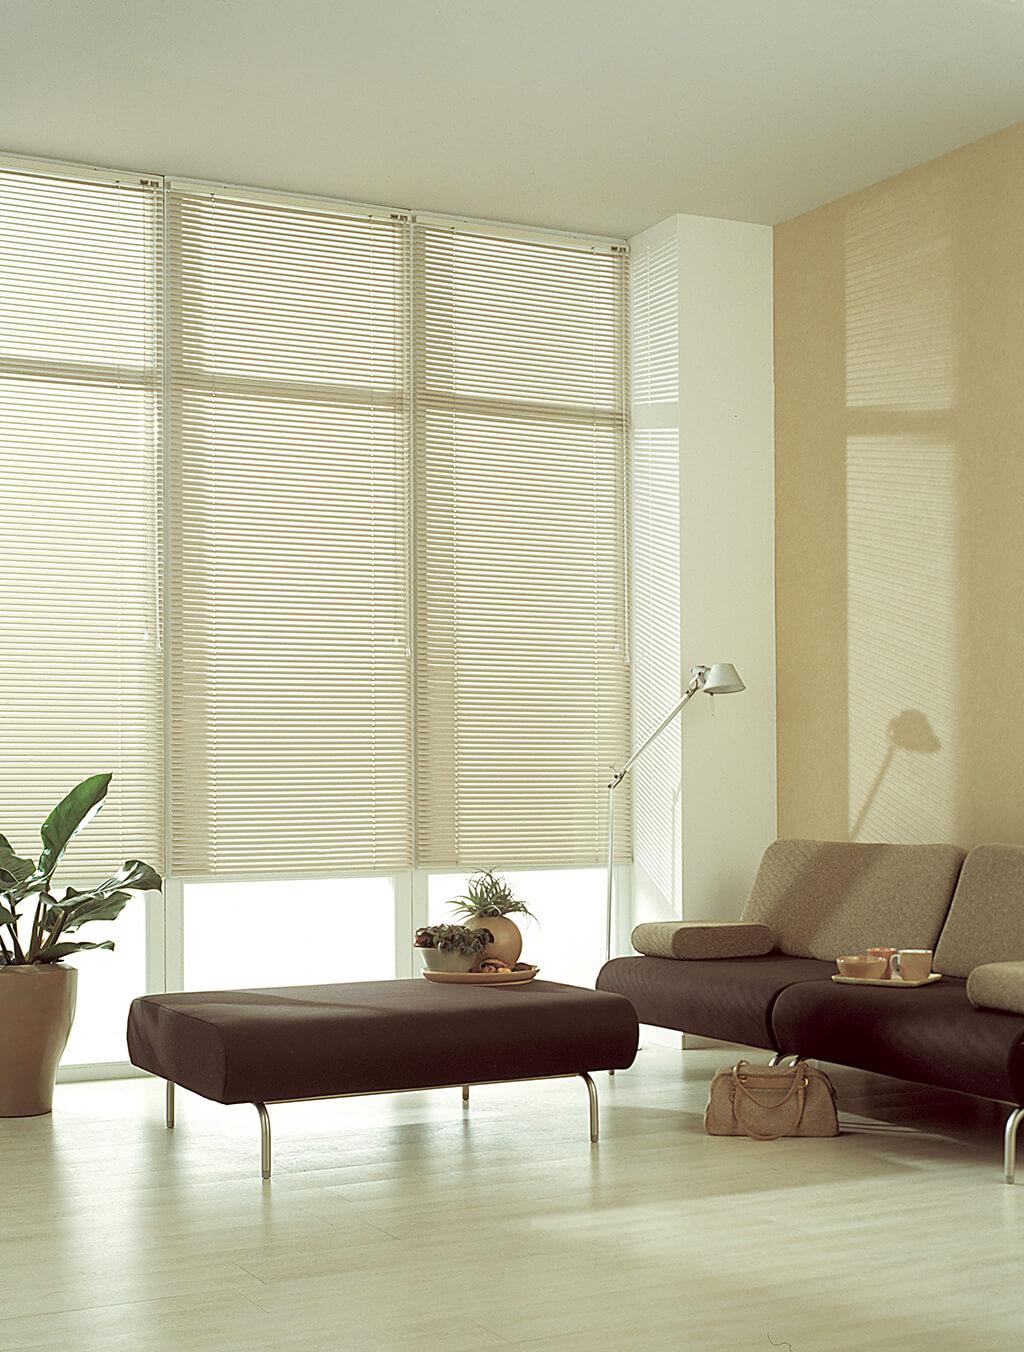 Weisse Alu Jalousien An Deckenhohen Fenstern Im Wohnzimmer Mit Braun Beigen Mbeln